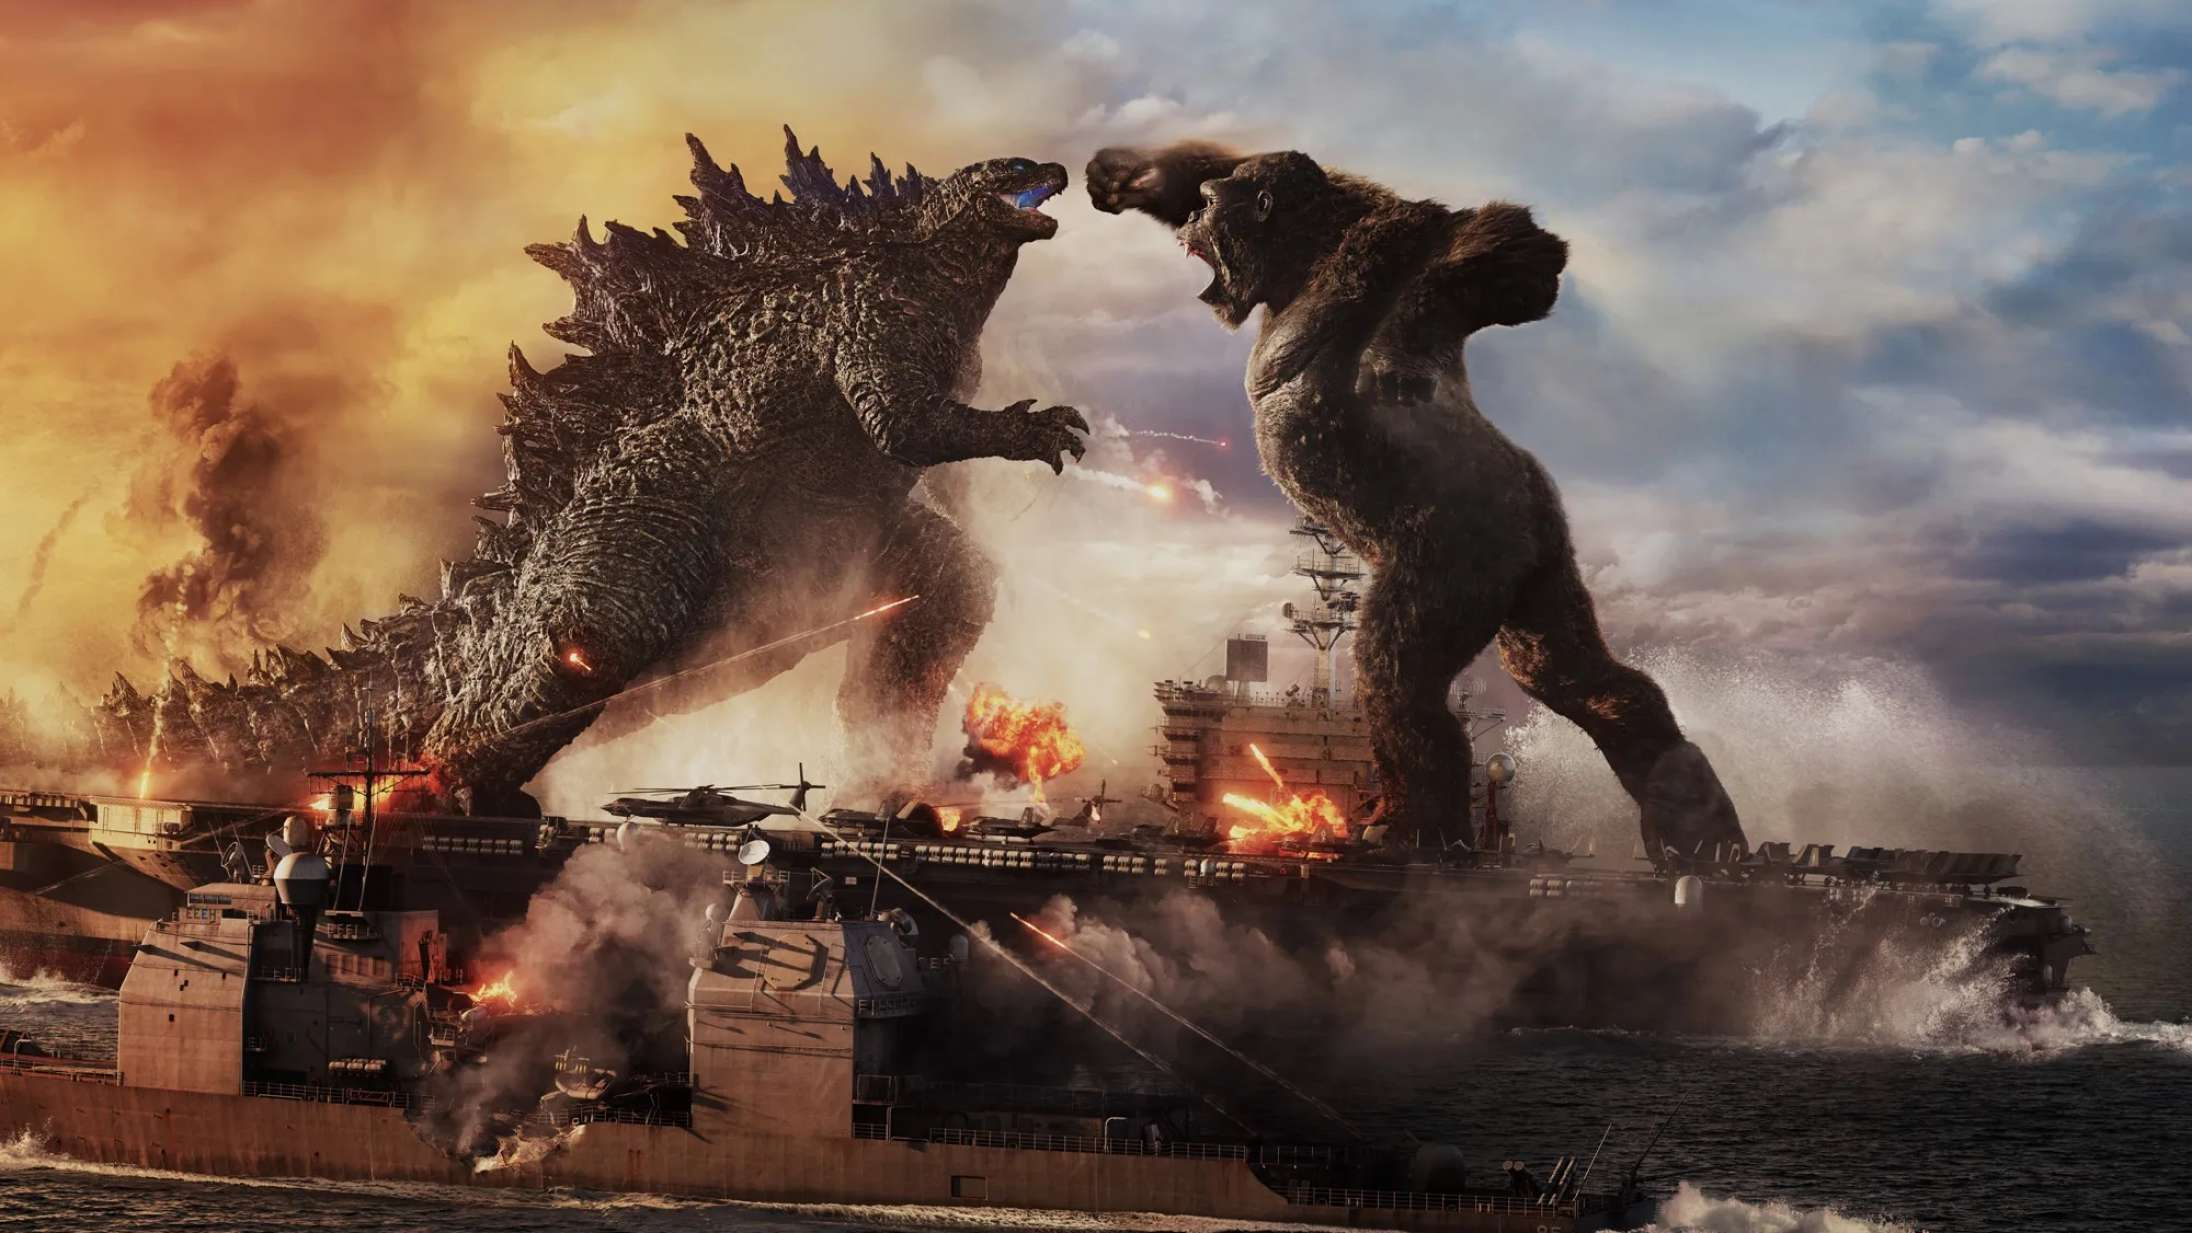 'Godzilla vs. Kong': Den lille skærm taber actionstorfilm på gulvet